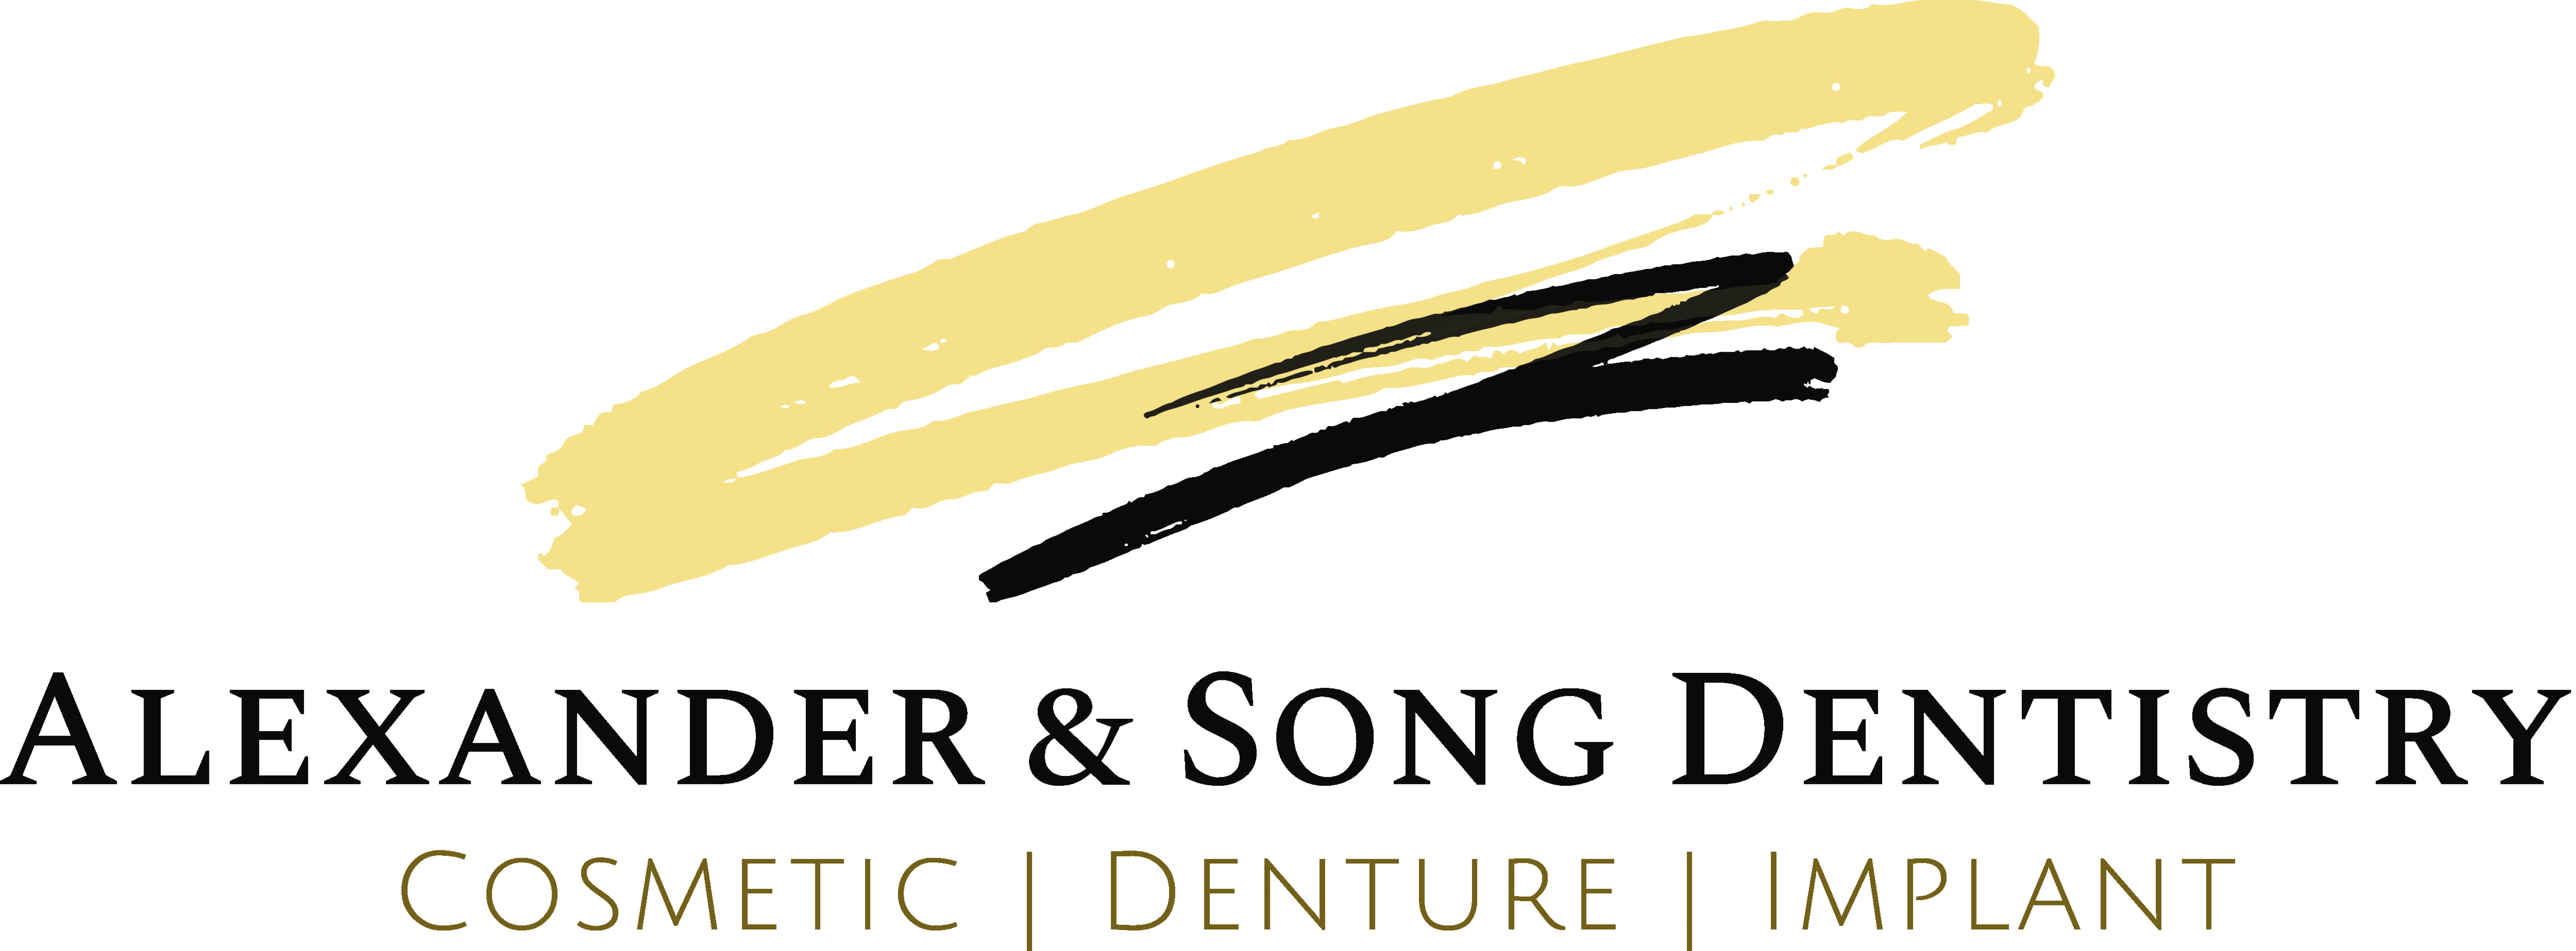 Alexander & Song Dentistry